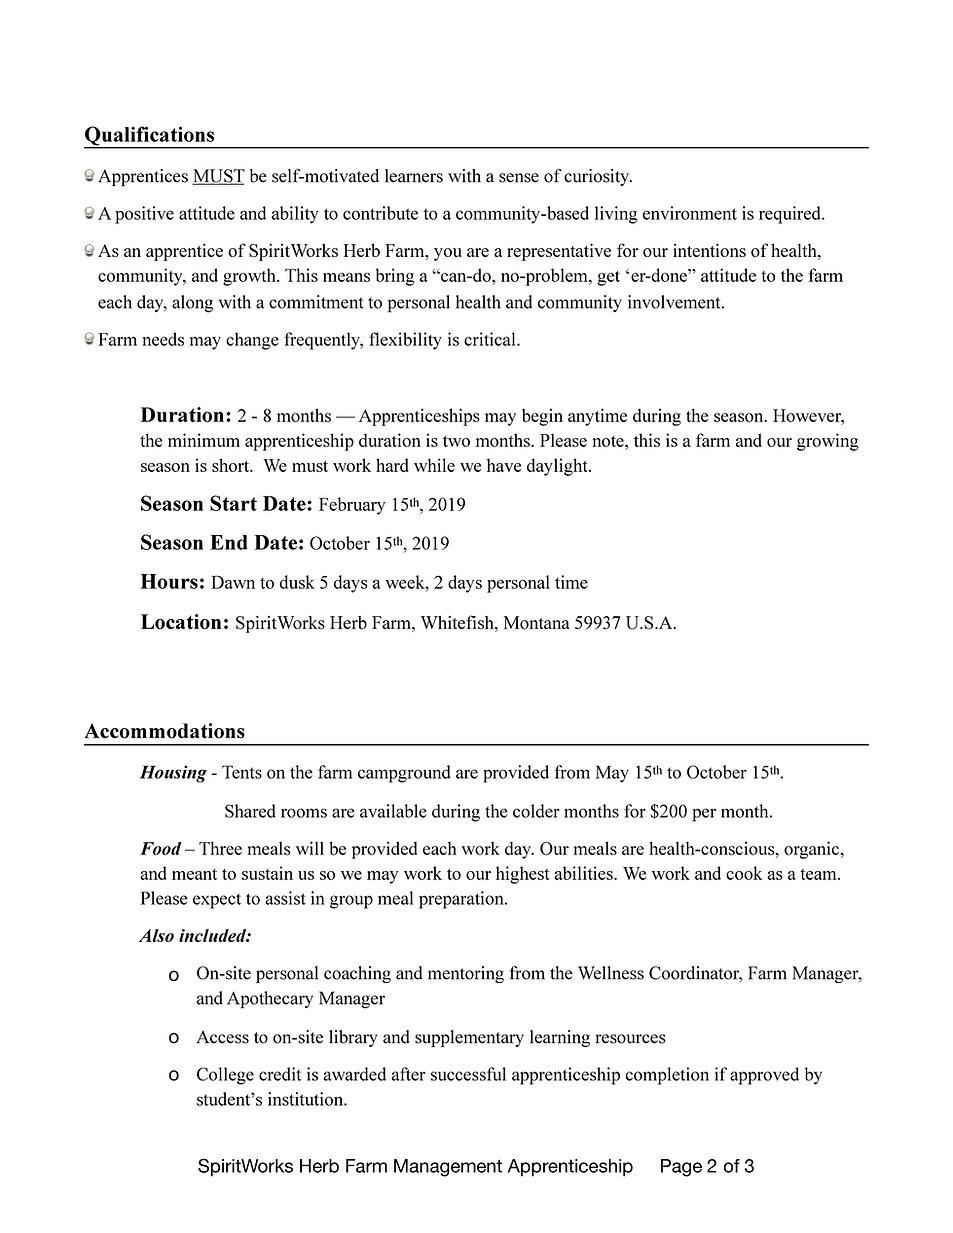 SpiritWorks Farm Management Apprenticesh